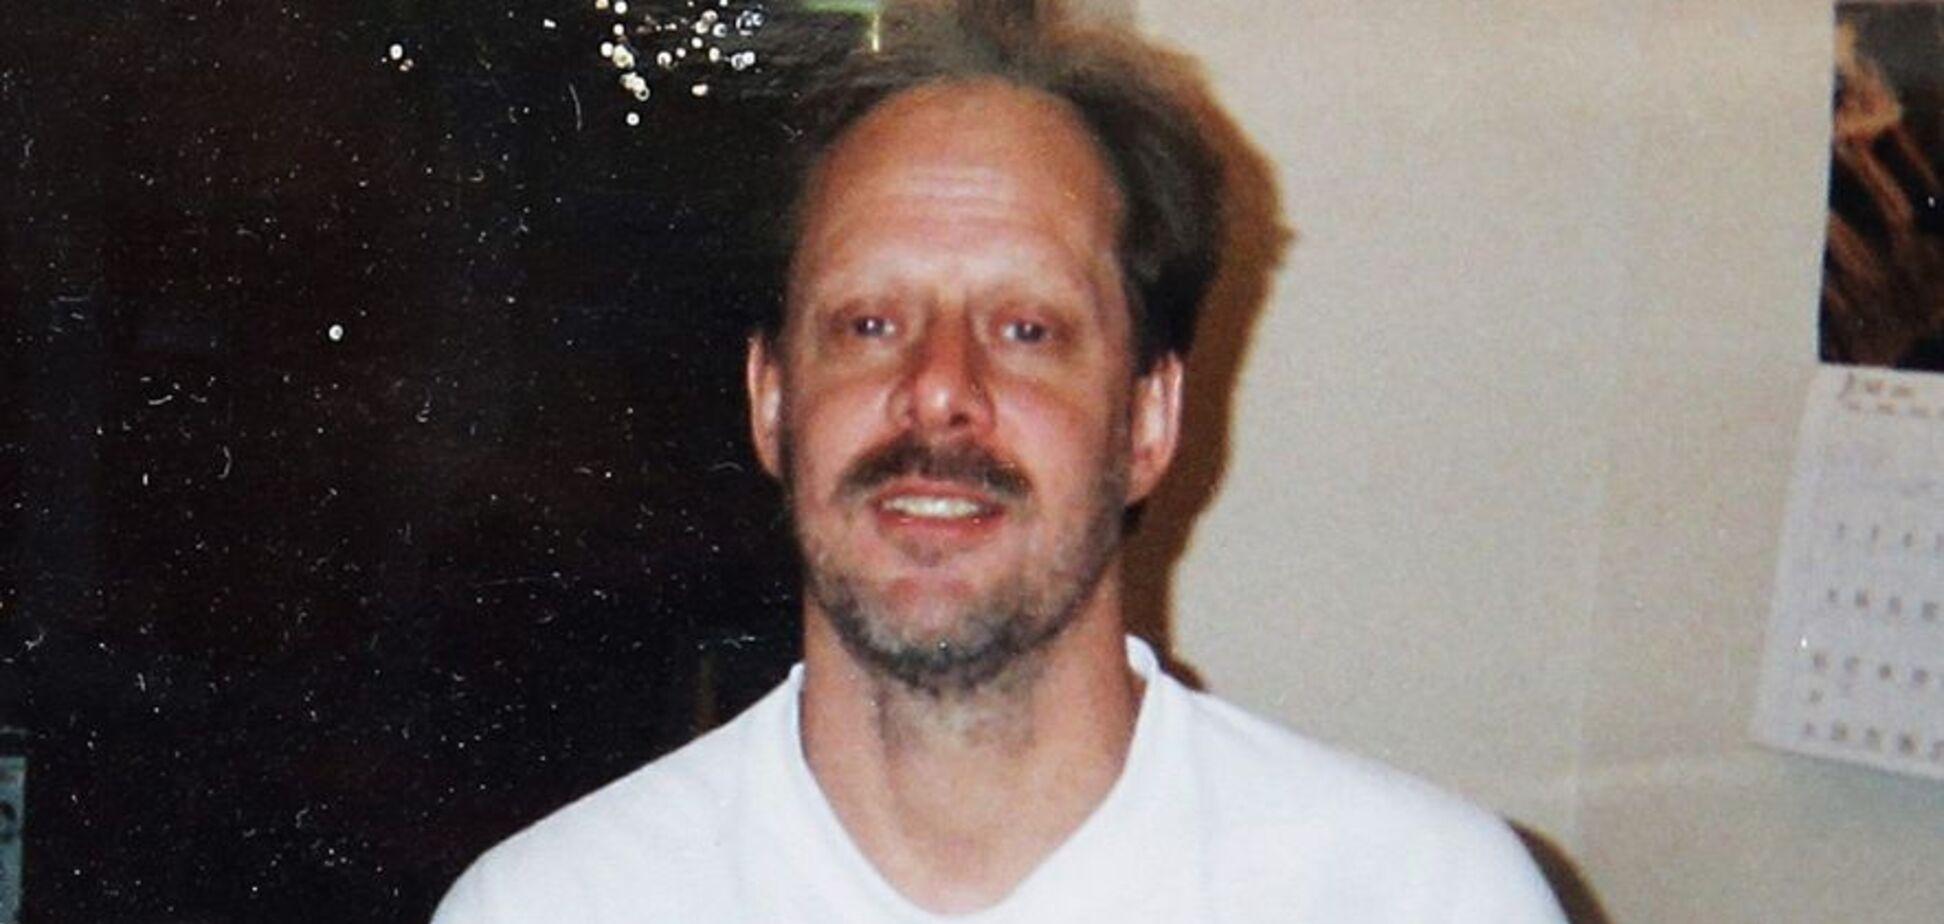 Масове вбивство в Лас-Вегасі: стали відомі нові подробиці інциденту